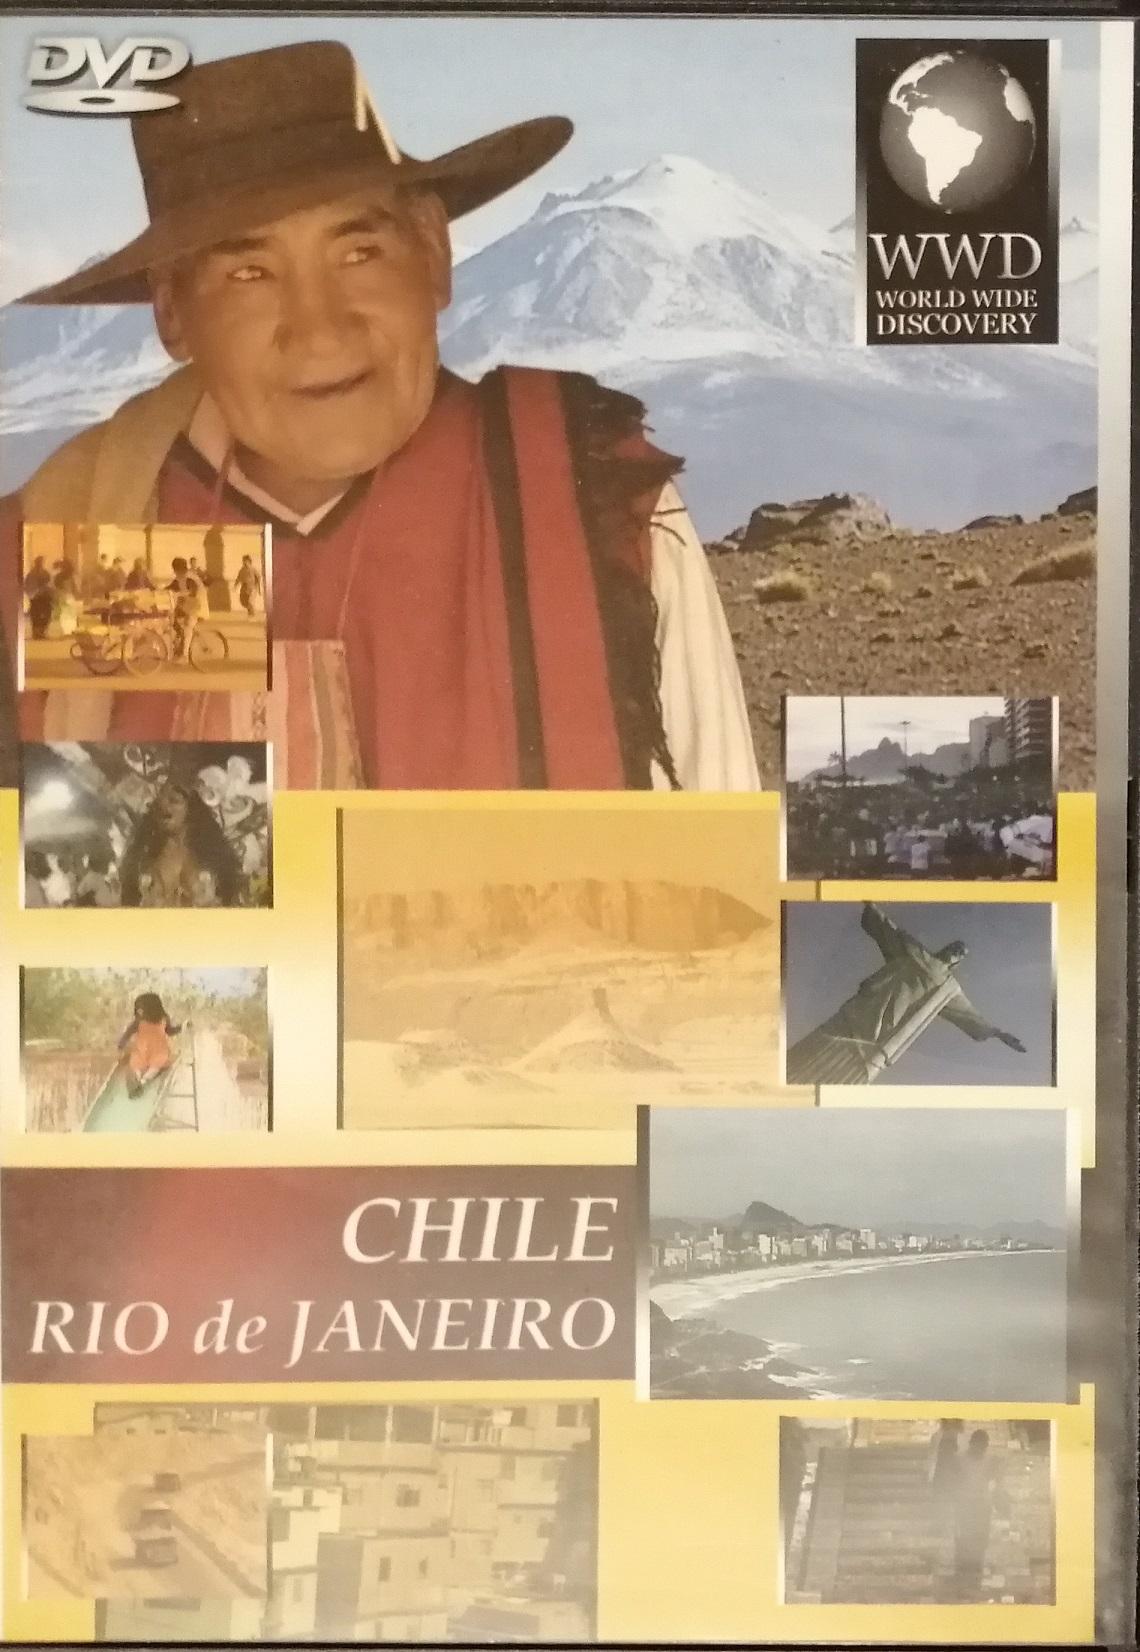 CHILE - RIO do JANEIRO - DVD plast